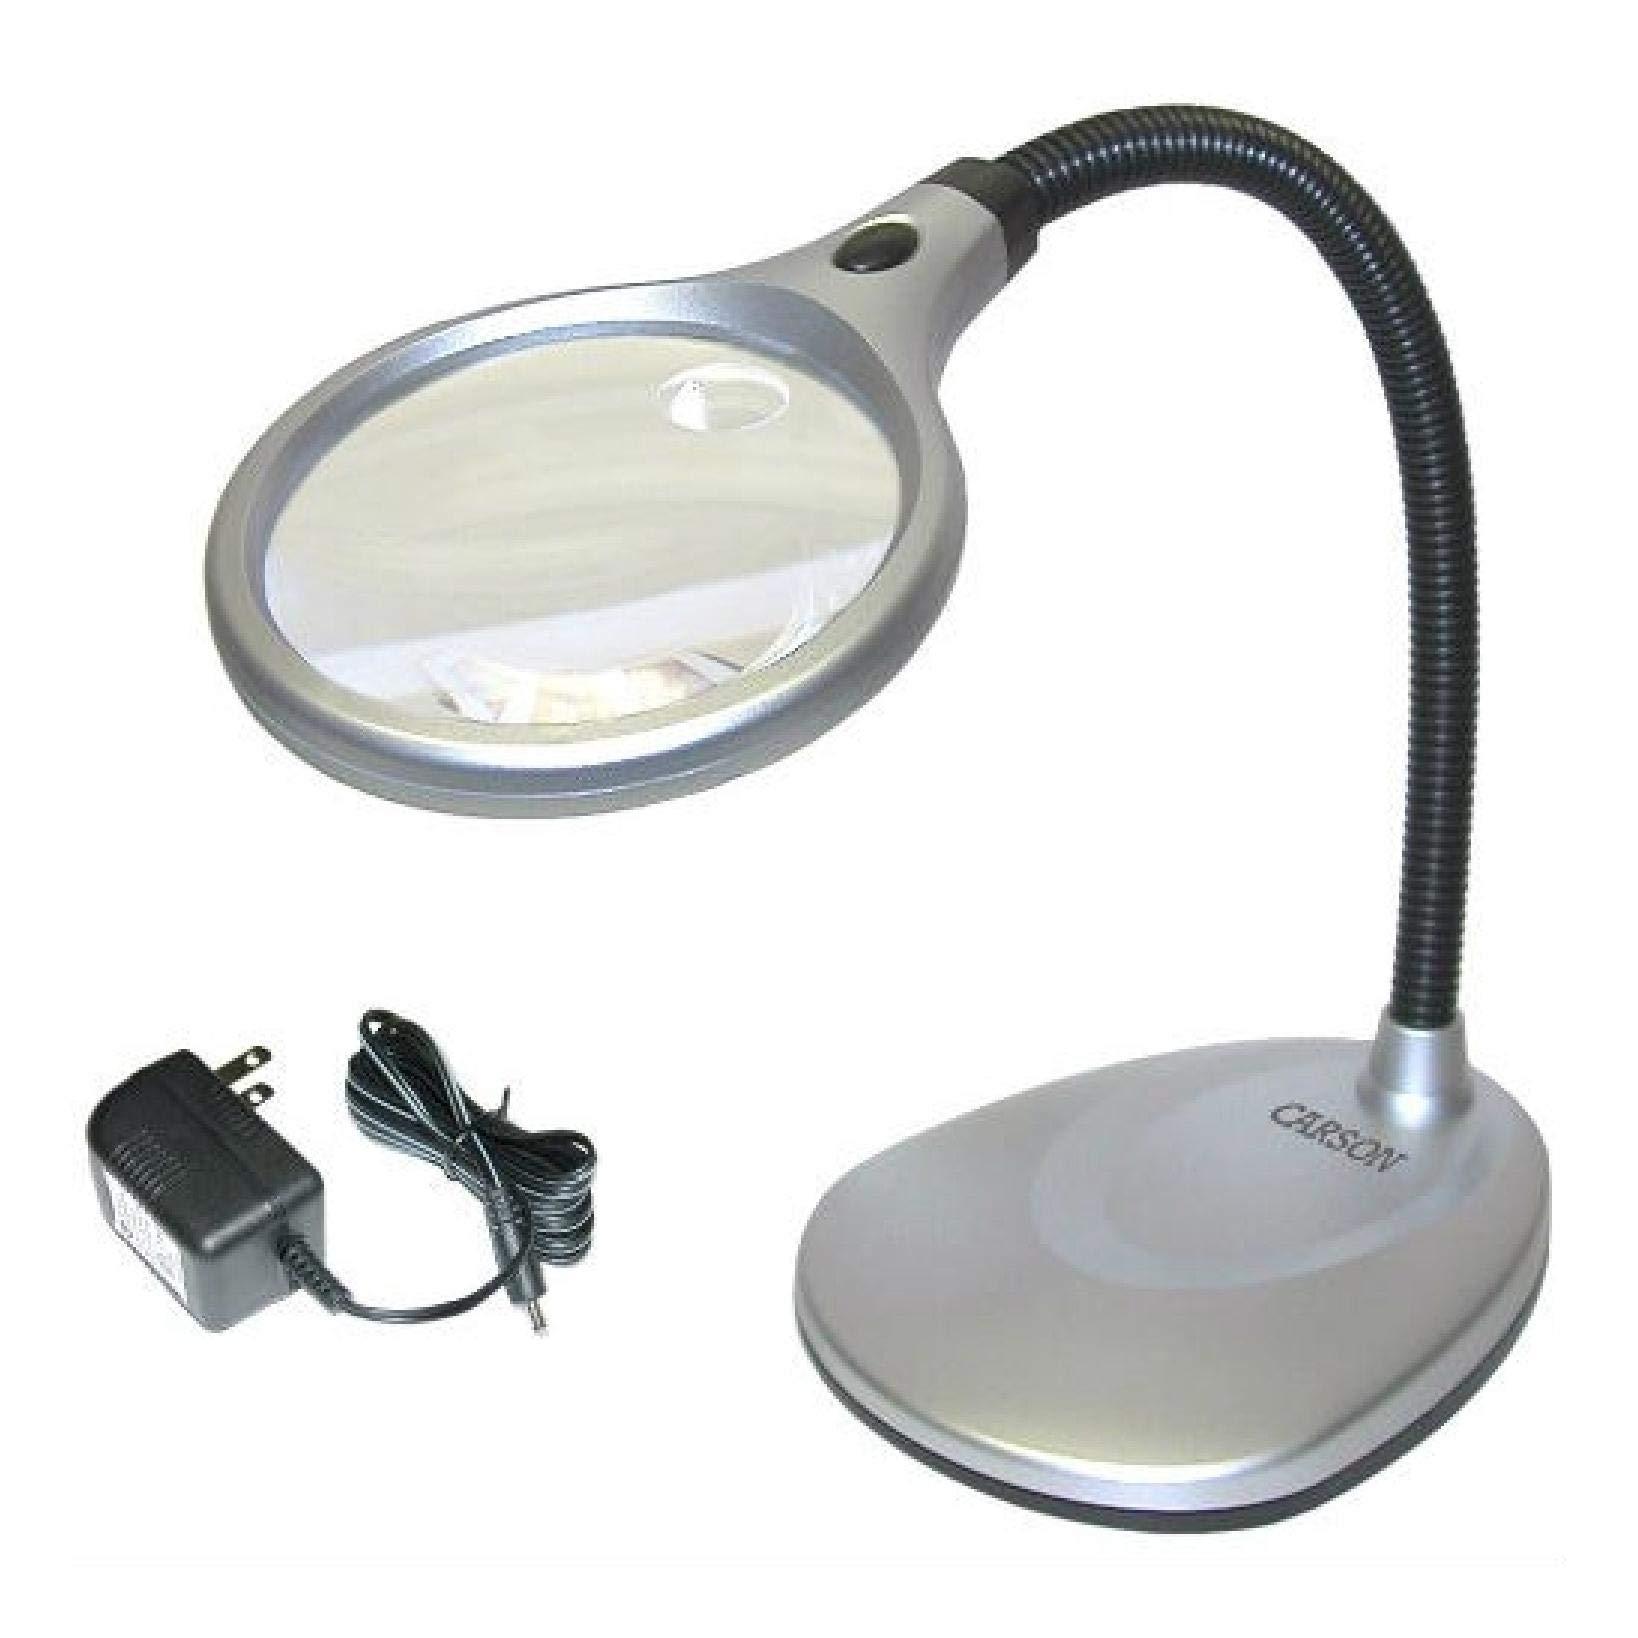 LED Illuminated 2X Magnifying Glass/Desk Lamp, LED Illuminated 2X Magnifying Glass/Desk Lamp by HEATAPPLY